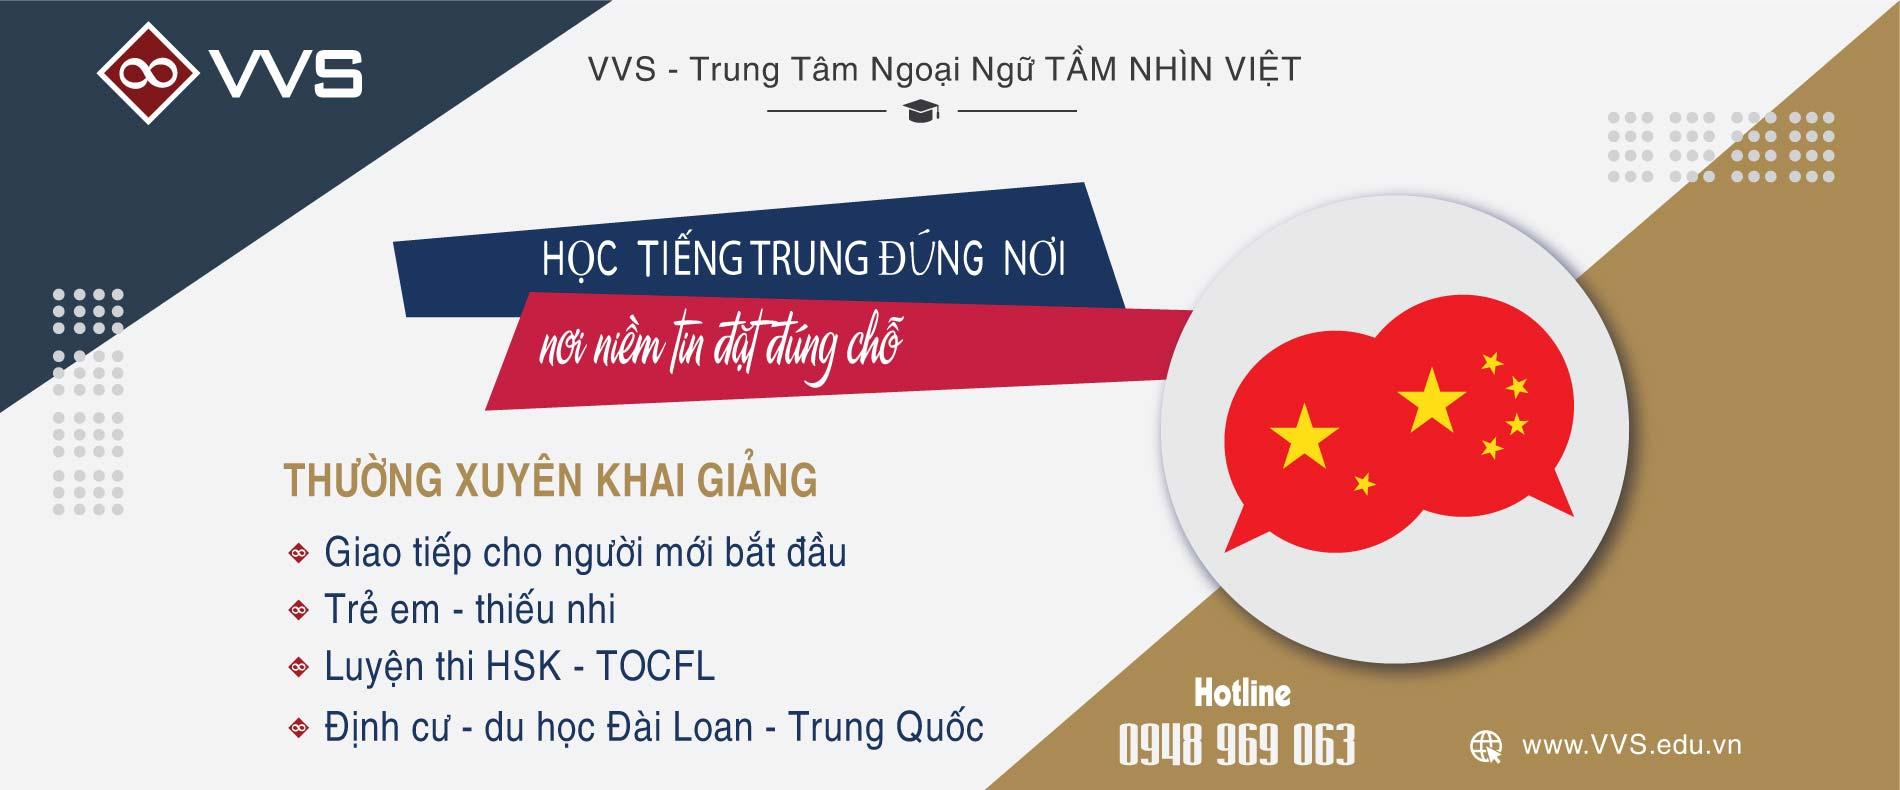 Banner trang chủ nhận diện các khóa học tại trung tâm VVS